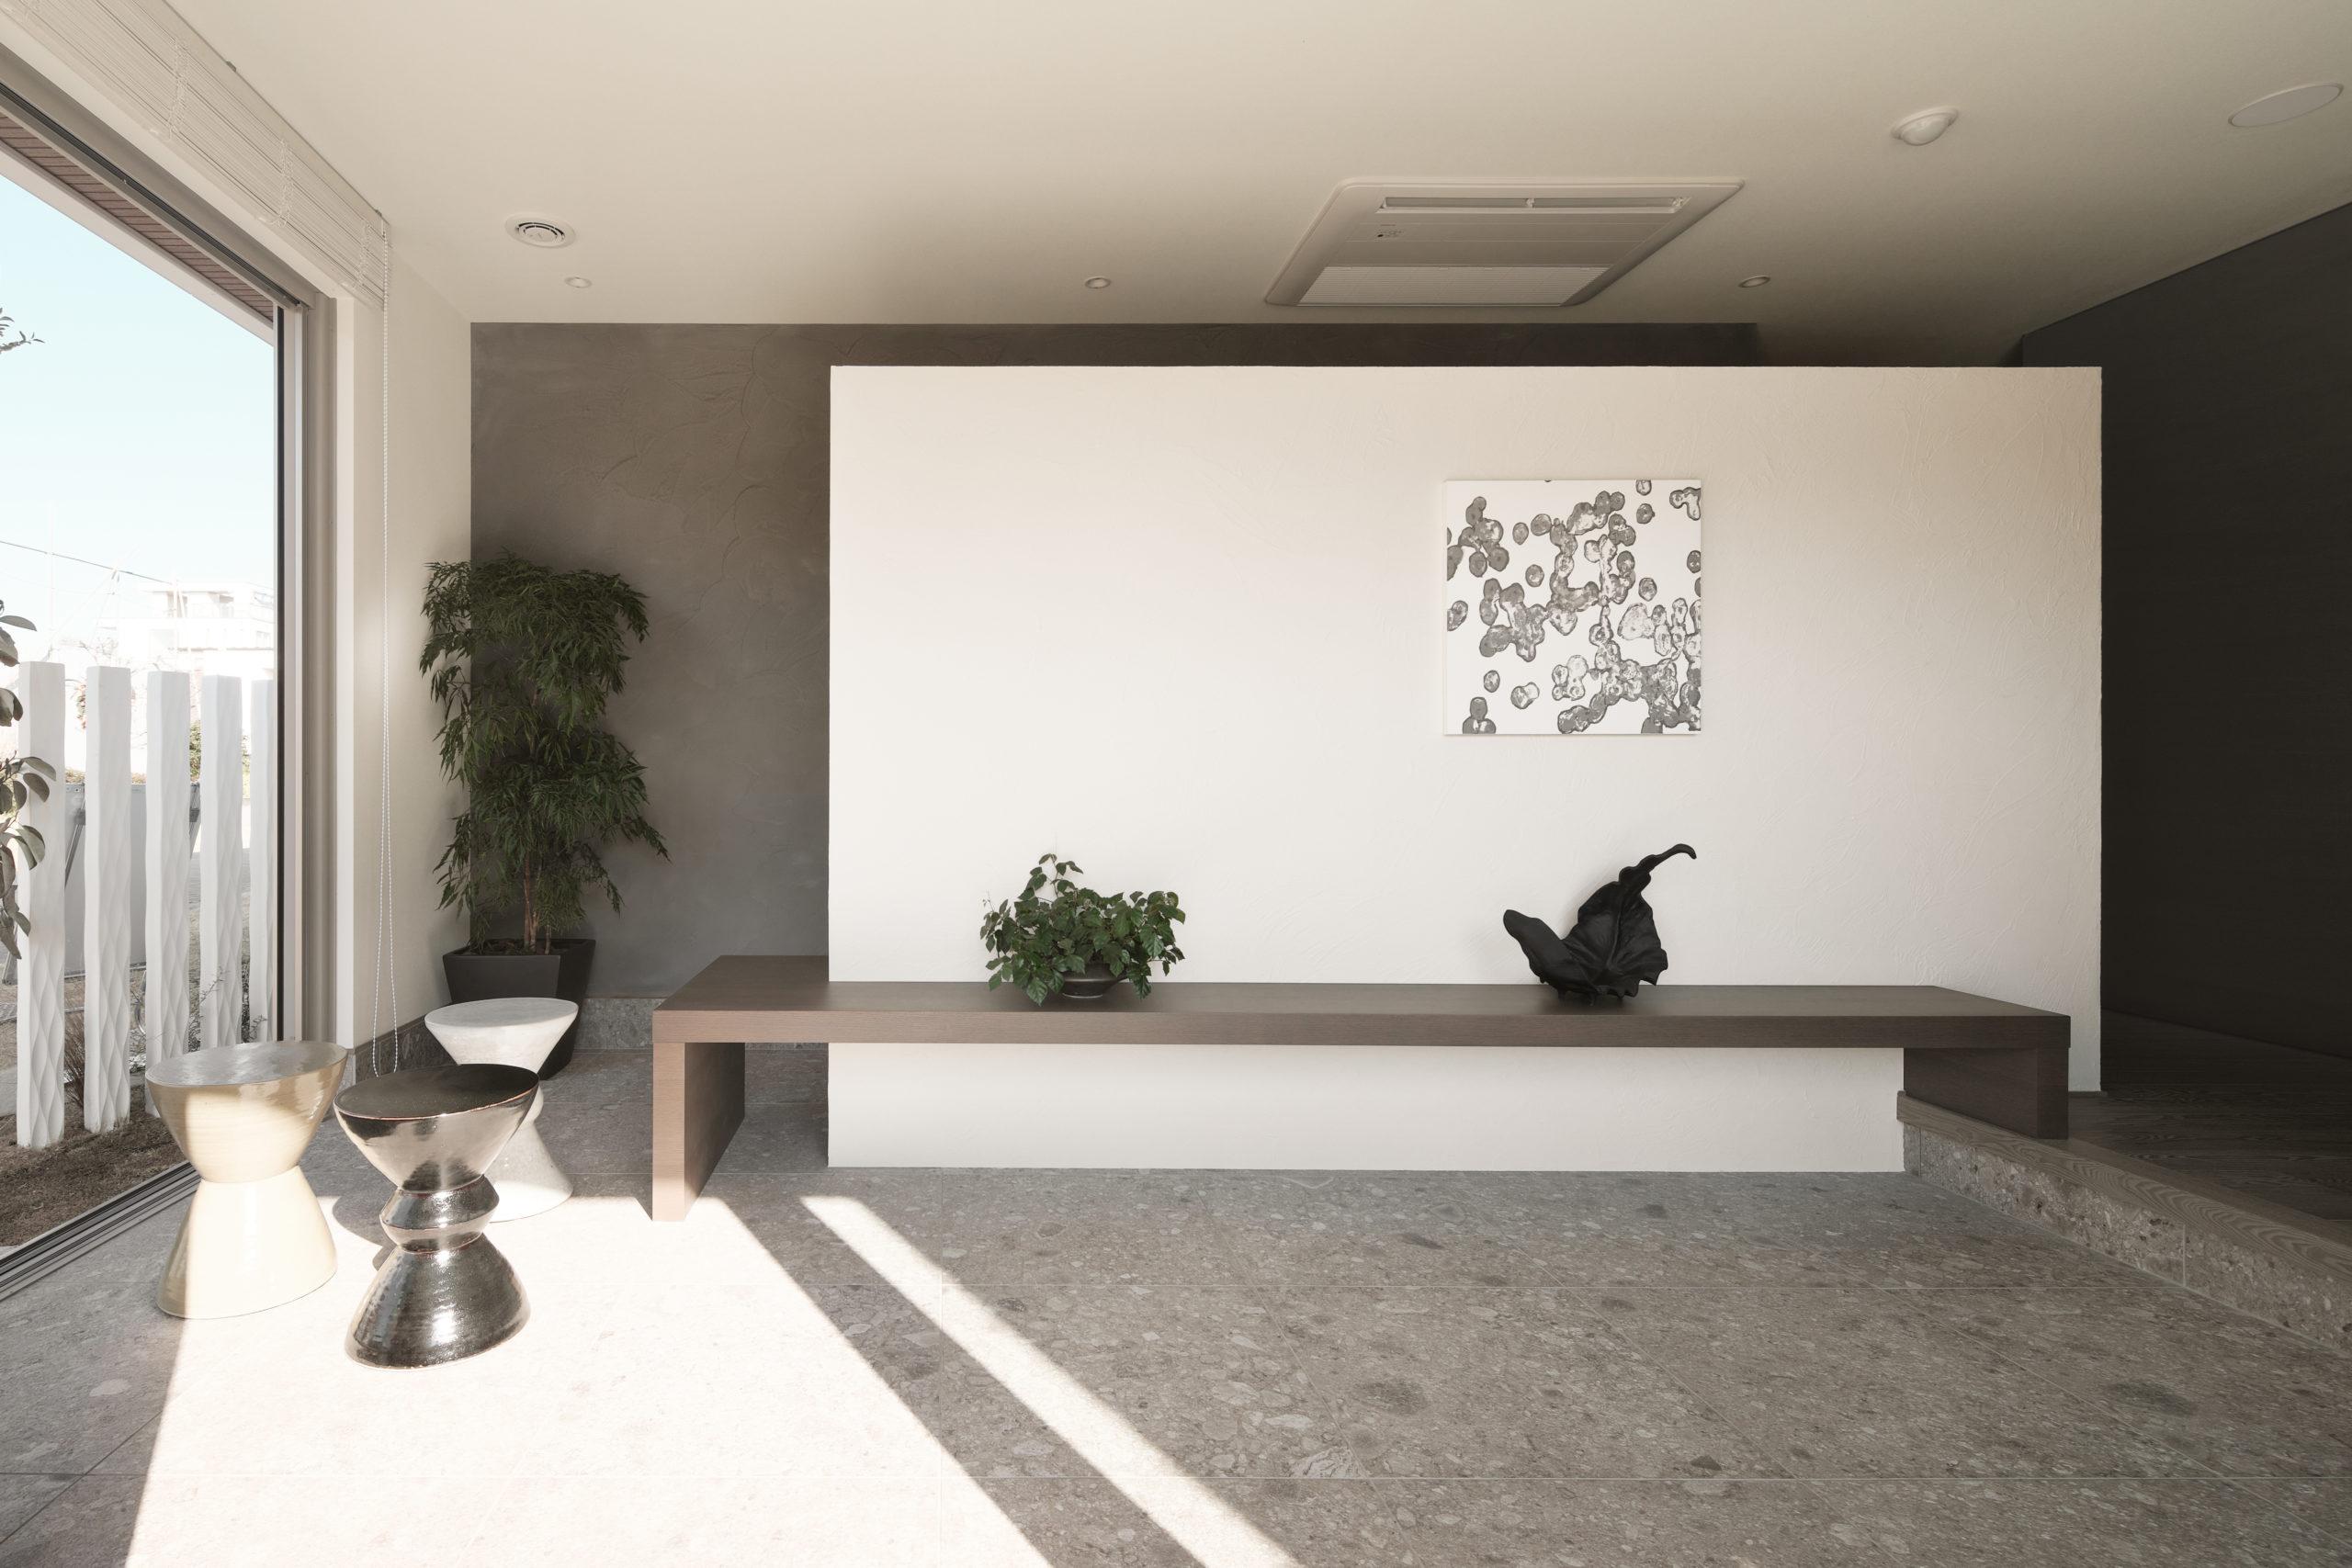 広い玄関は土間として多彩に使用できる空間に!アクセントウォールの裏に家族用のシュークロークと入口があり玄関を綺麗に保つことが出来ます。